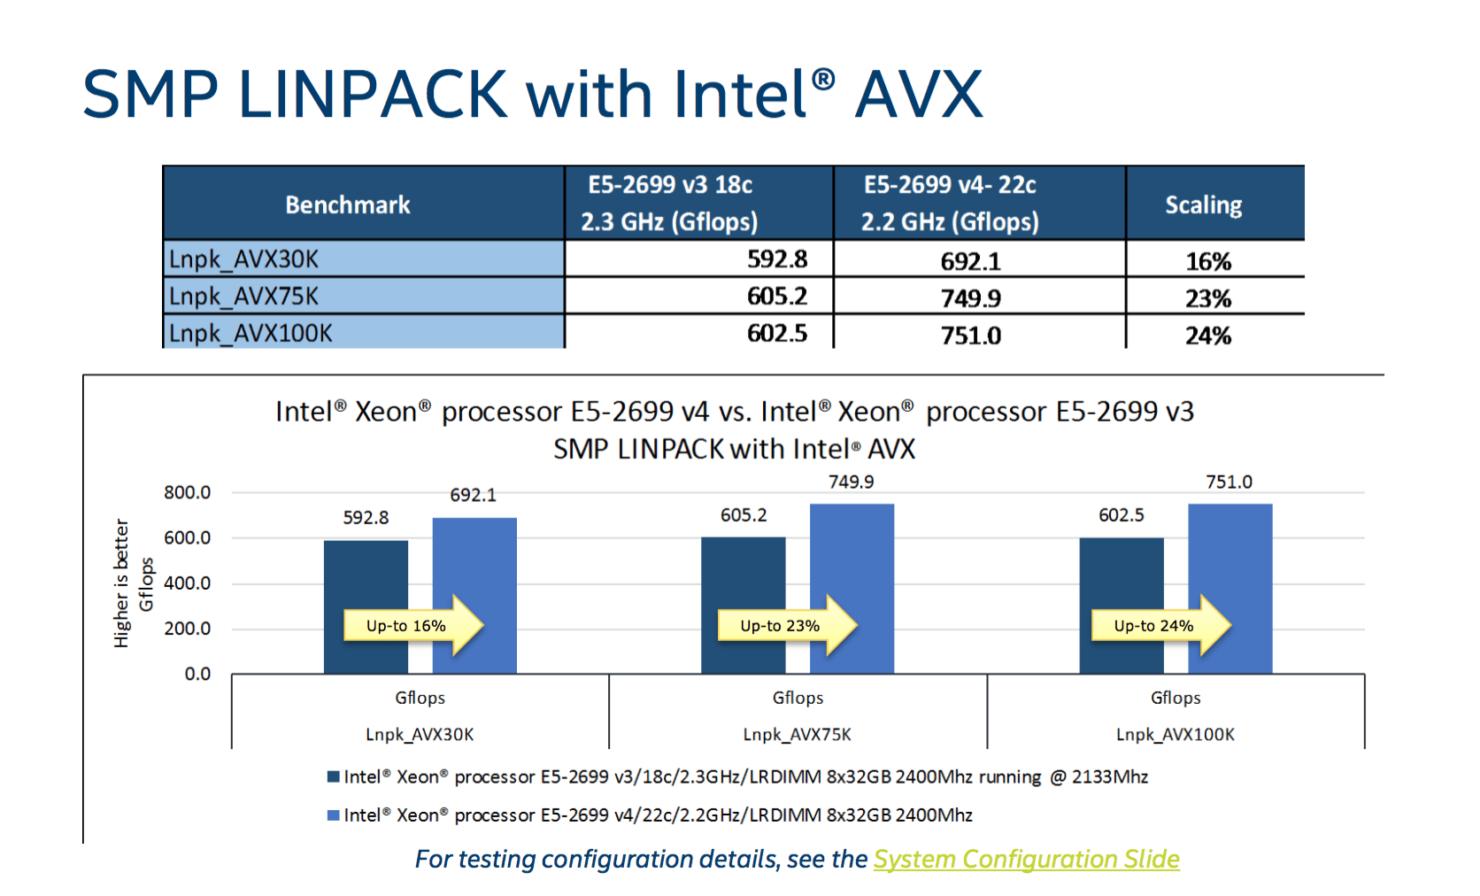 intel-broadwell-ep-xeon-e5-2600-v4_linkpack-avx